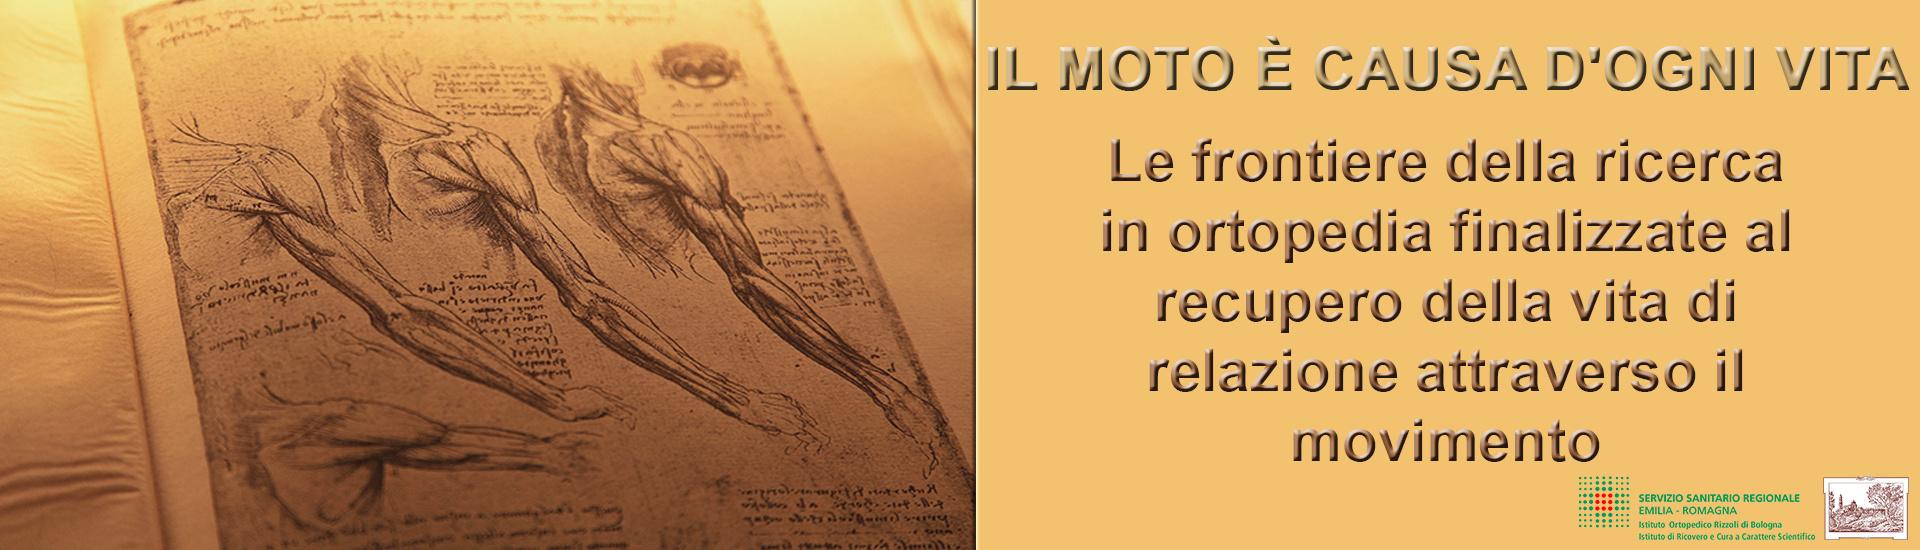 Il moto è causa d'ogni vita -